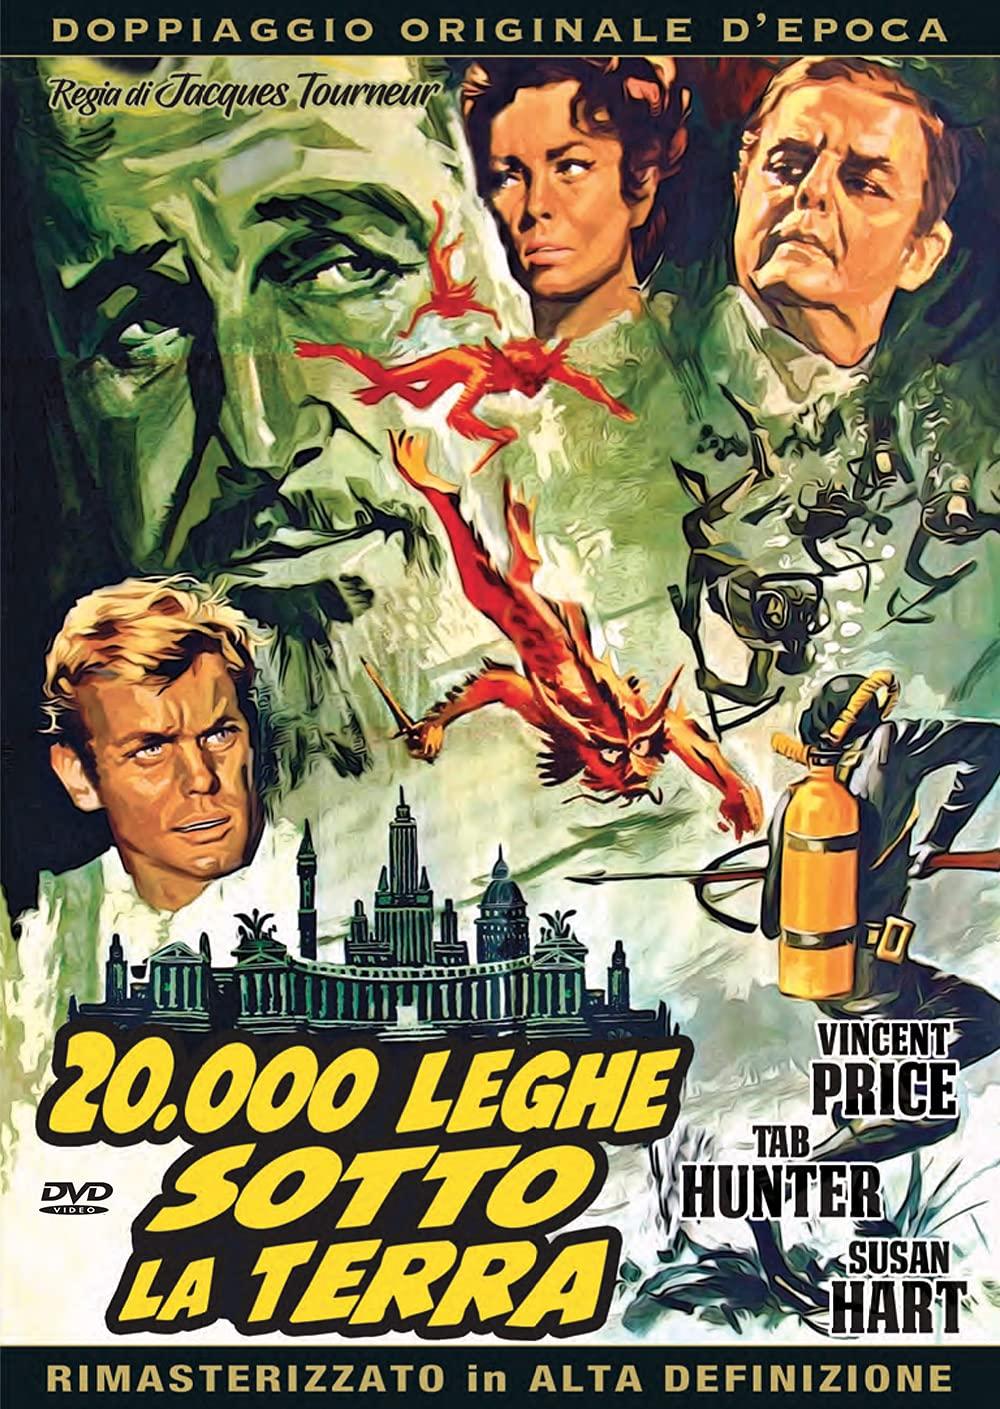 20.000 LEGHE SOTTO LA TERRA (DVD)